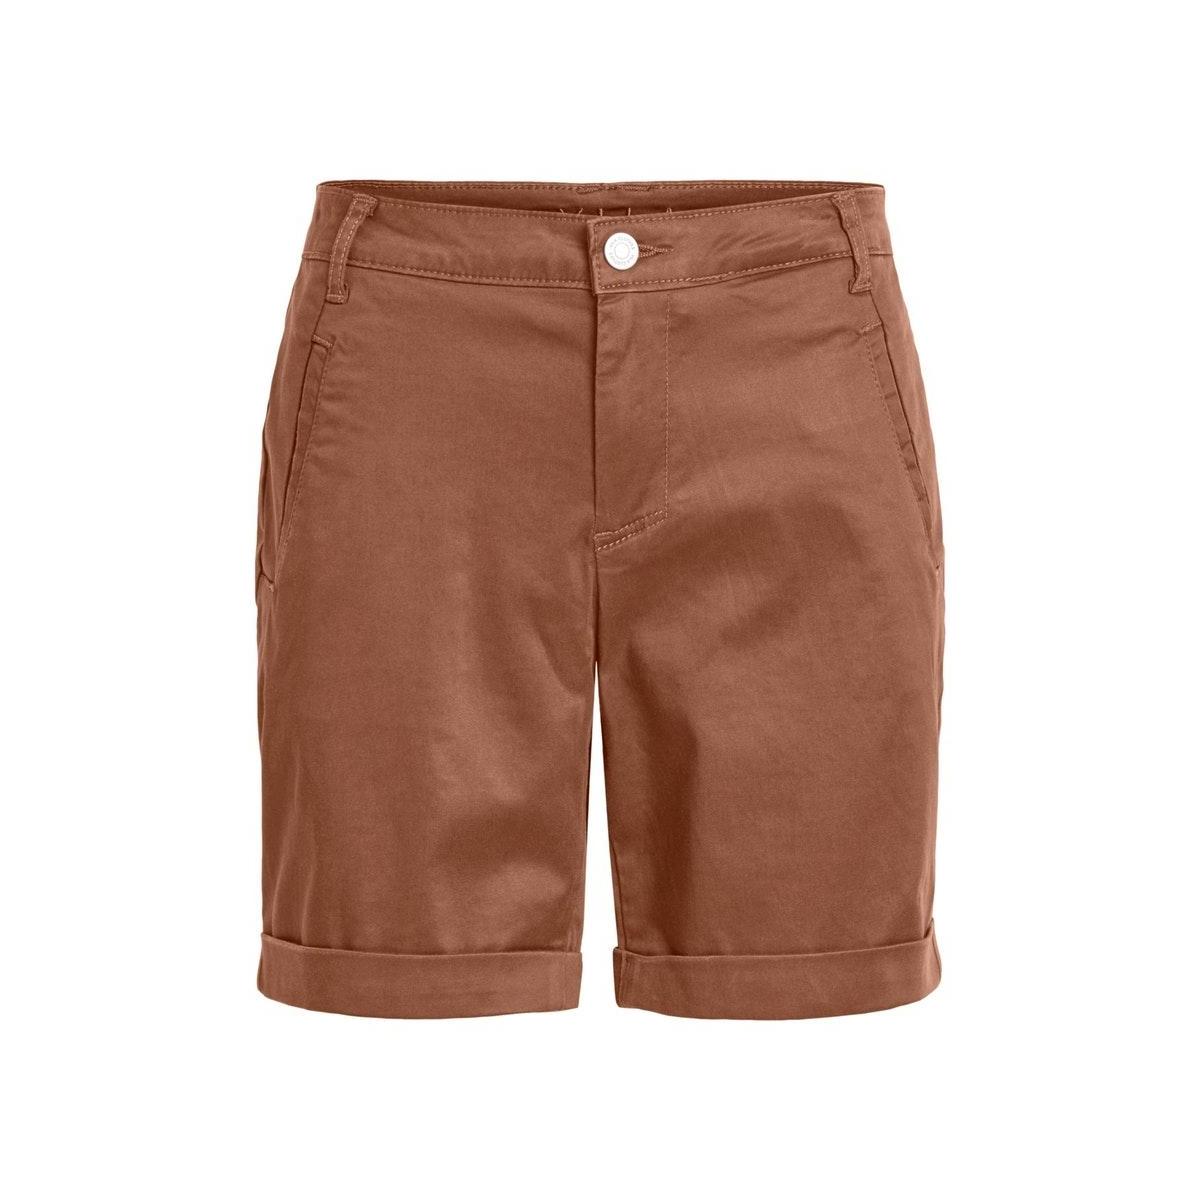 vichino rwre new shorts-fav 14050423 vila korte broek rawhide